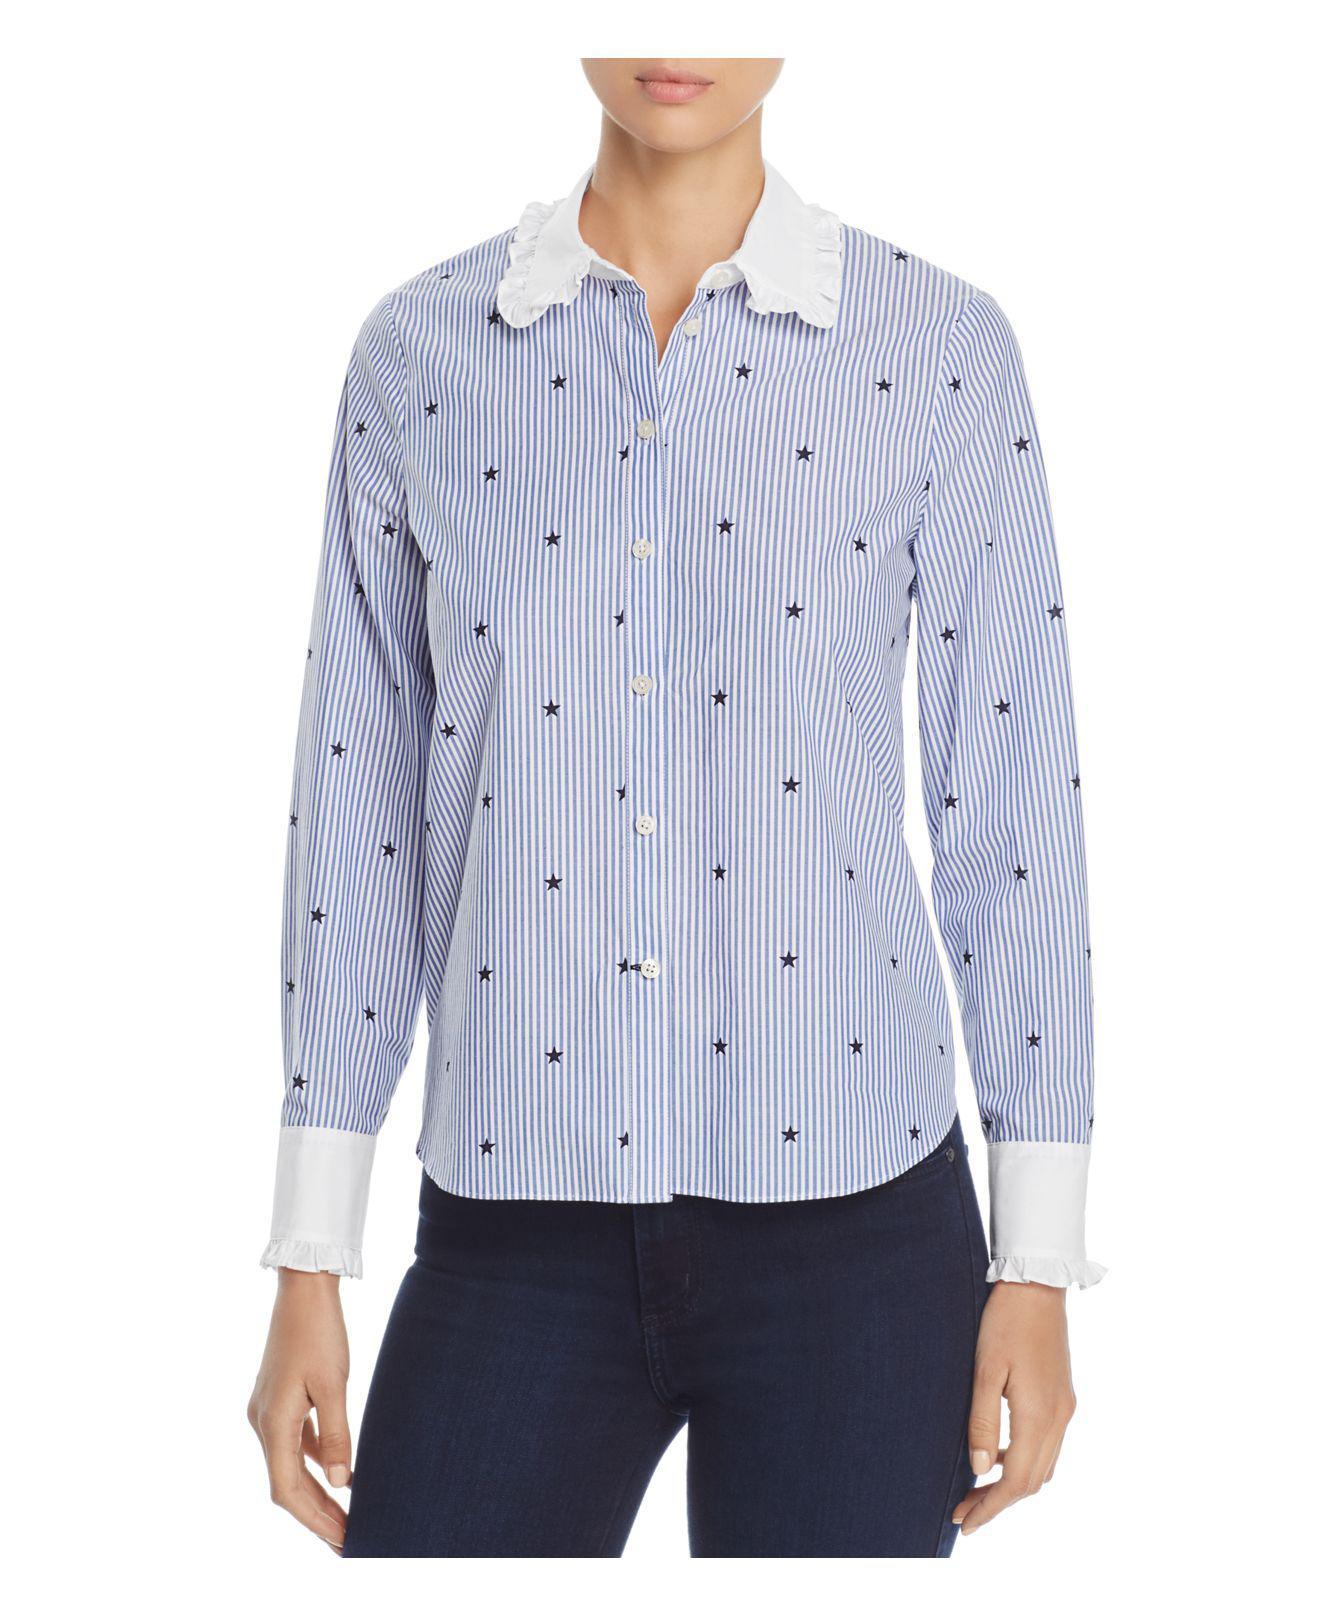 d784924f41 Lyst - Kate Spade Twinkle Star Stripe Ruffle Shirt in Blue